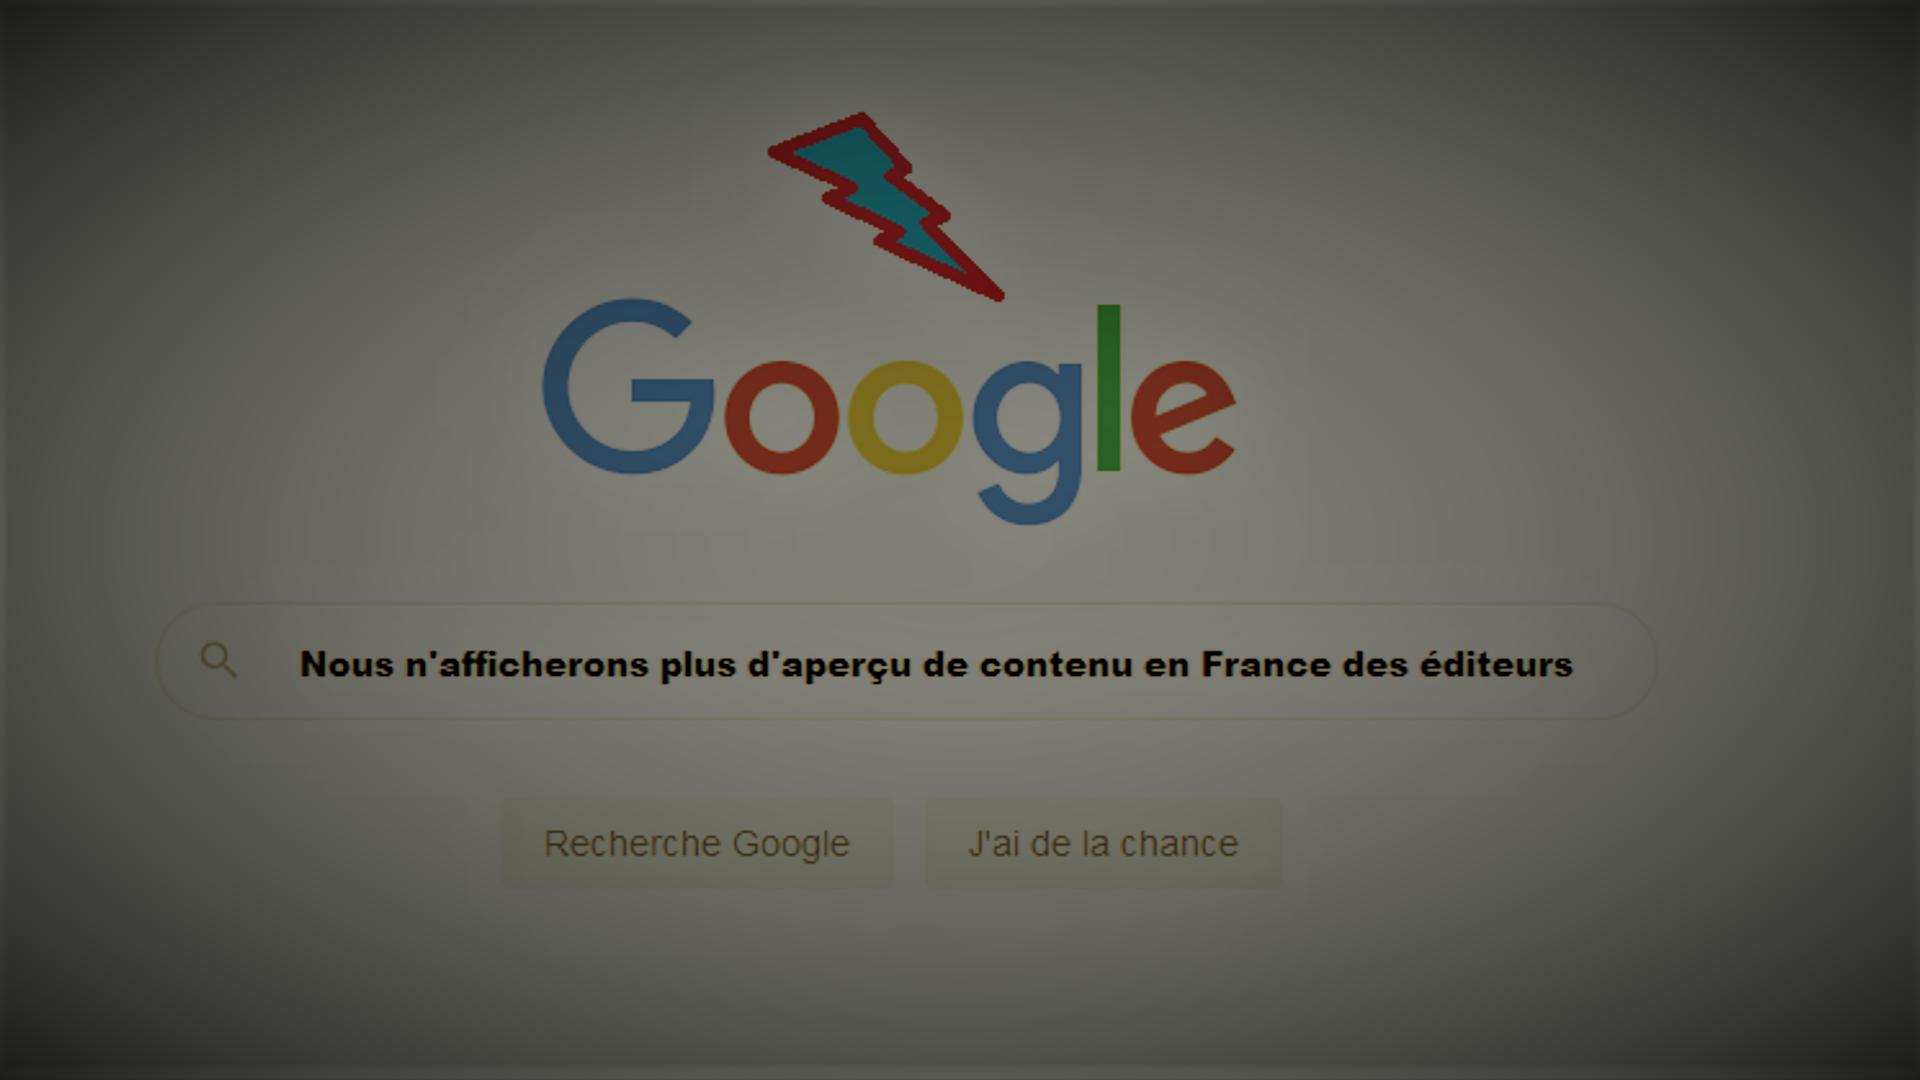 Guerre ouverte entre les éditeurs, agences de presse et Google. Il exige qu'ils renoncent à leurs droits voisins  © Nathalie Khâ